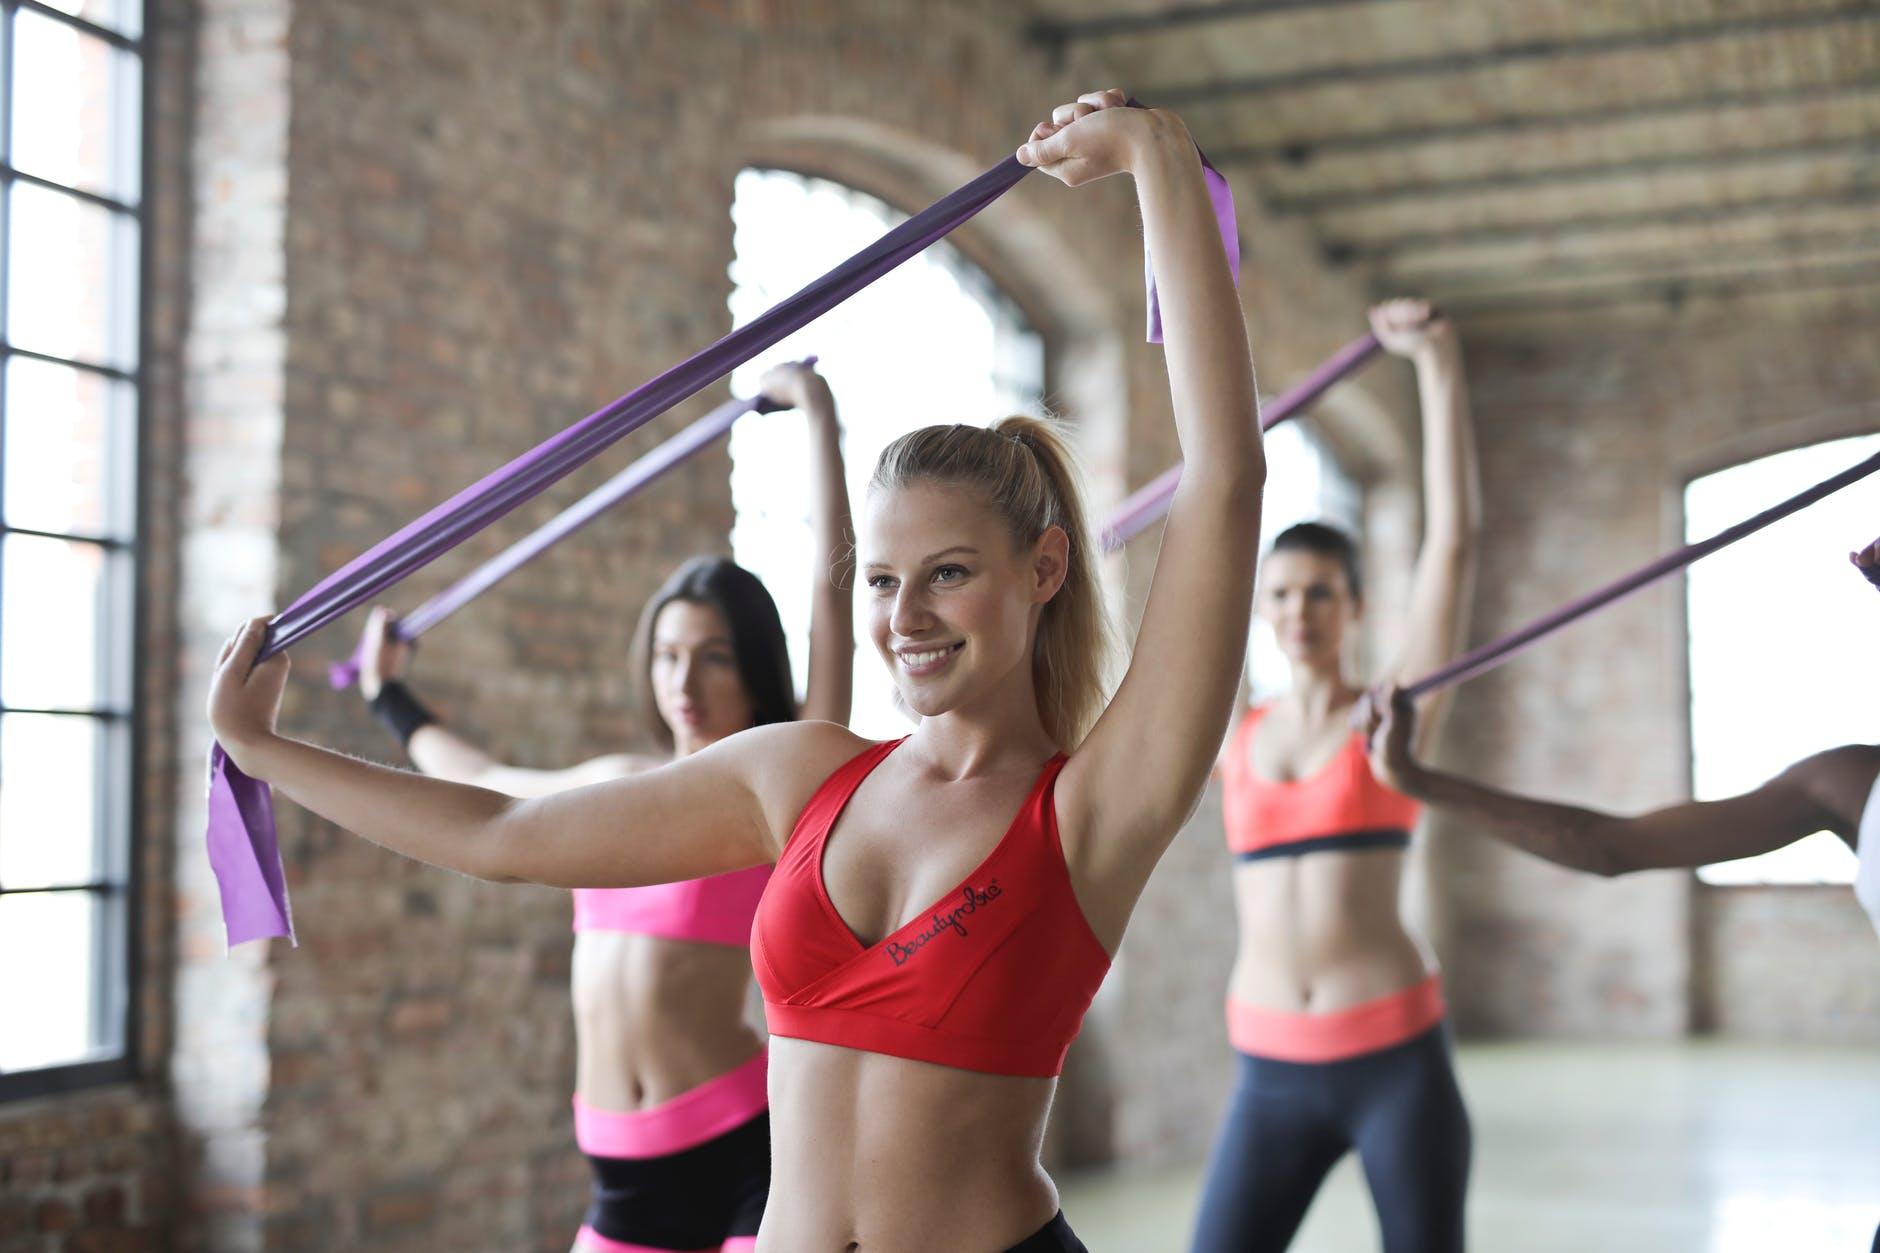 three women s doing exercises